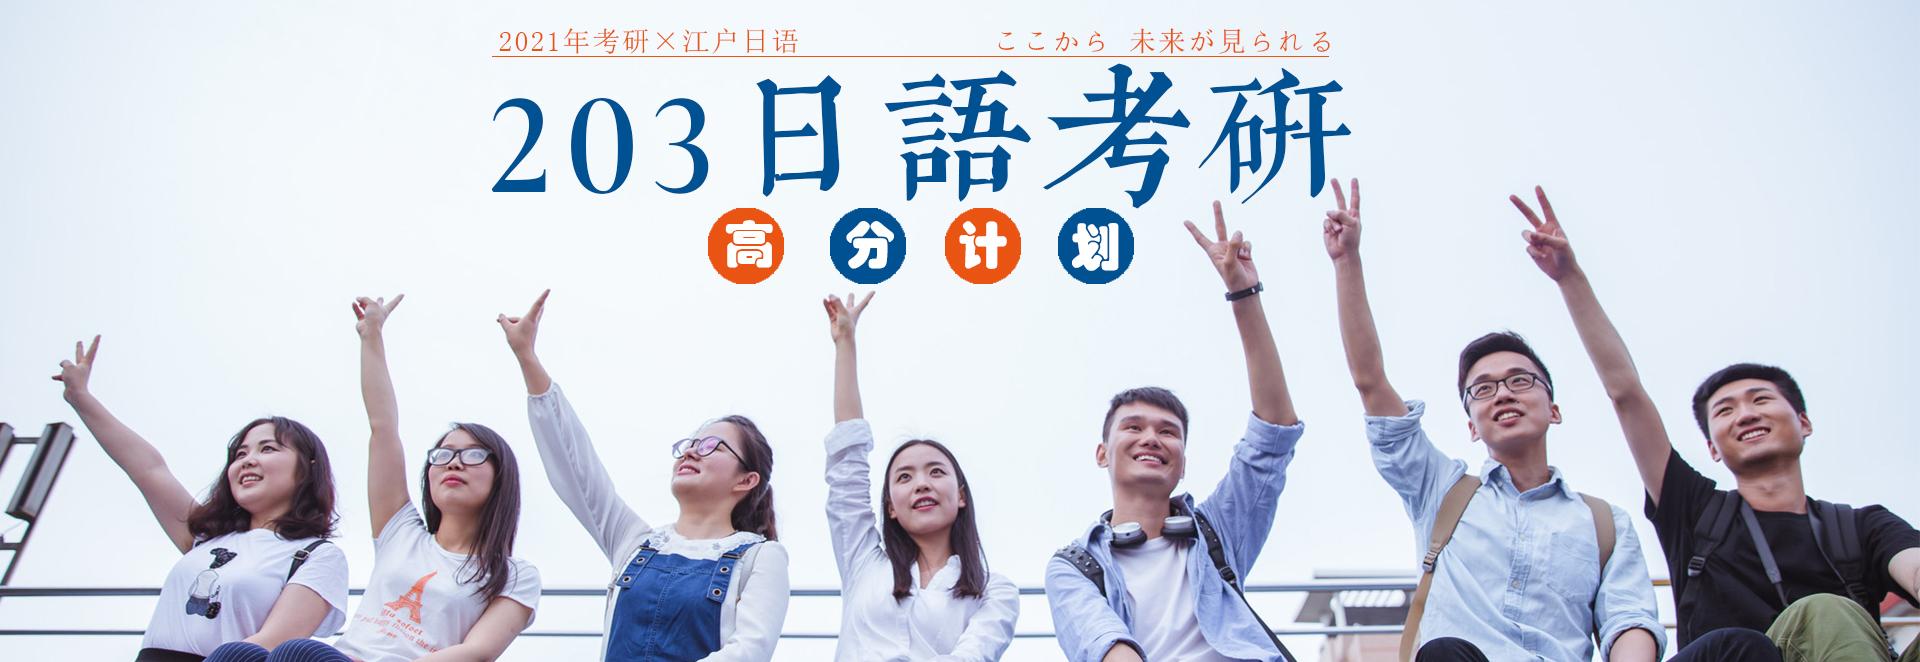 重庆日语,重庆日语培训,重庆日本留学